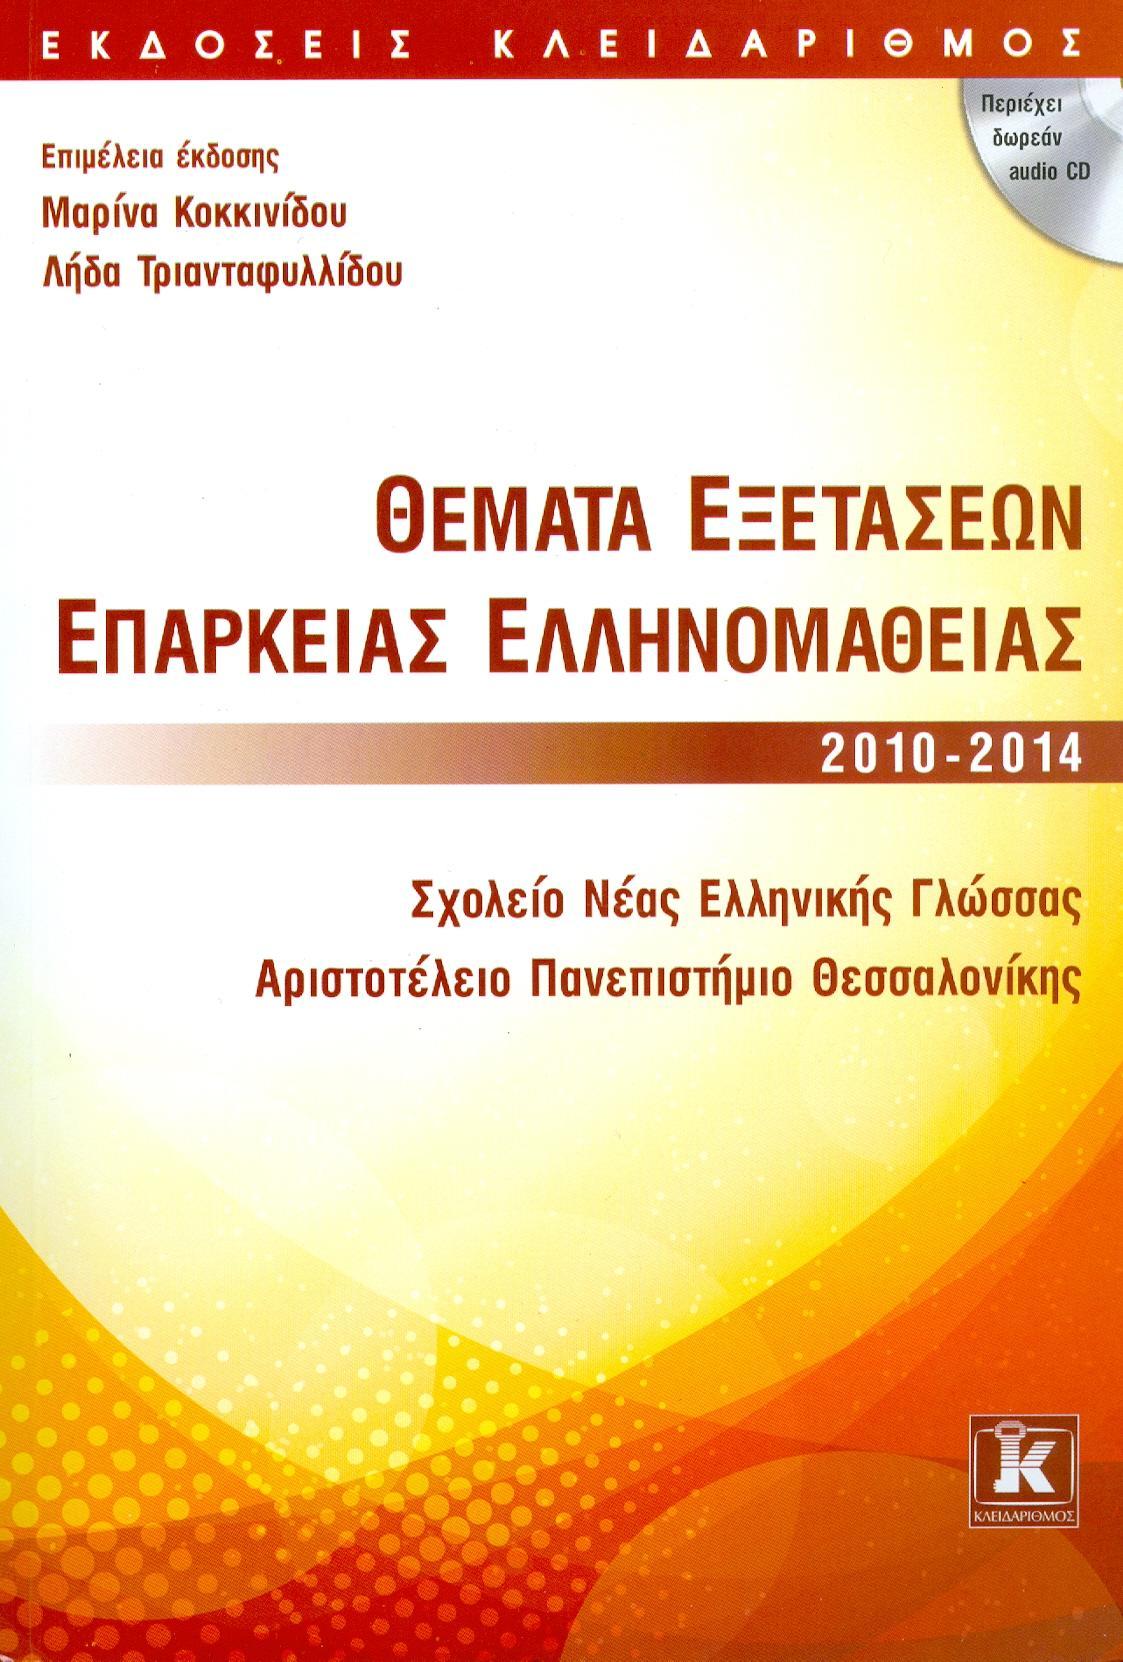 Θέματα εξετάσεων επάρκειας ελληνομάθειας 2010-2014 + CD- Теми и тестове по гръцки език за сертификатен изпит В2 ниво +CD 2010-2014г.